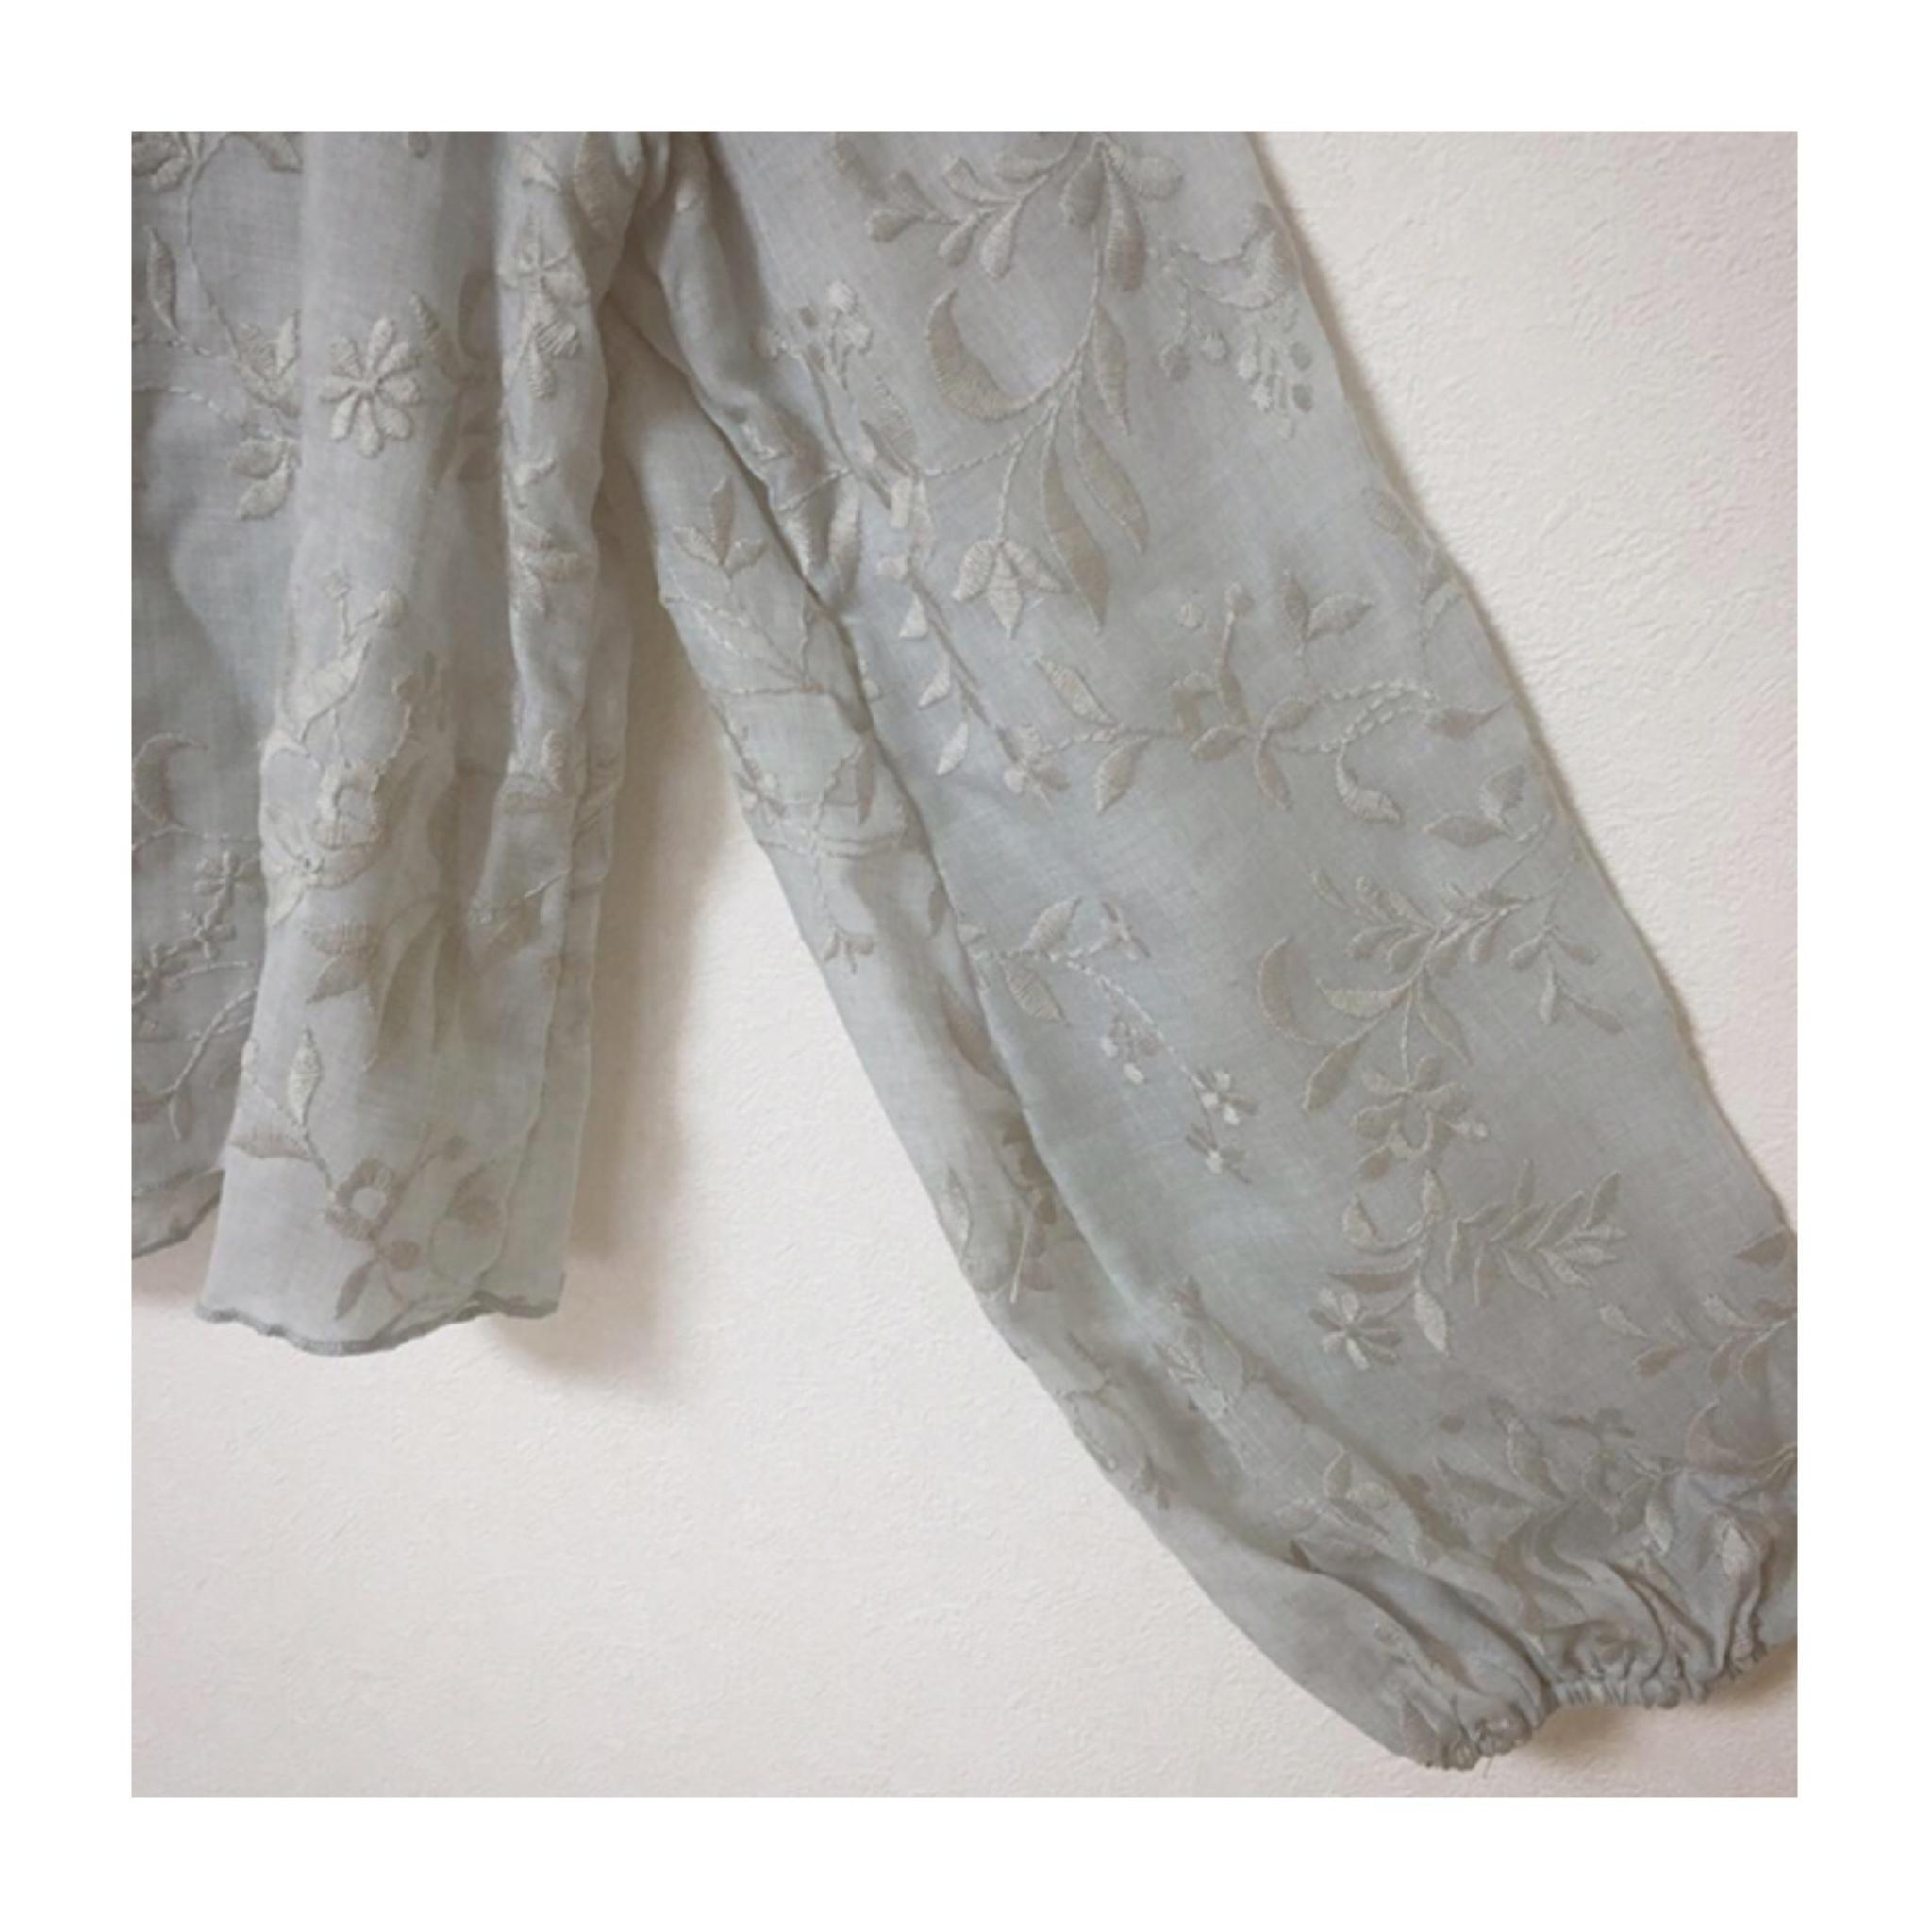 《#ザラジョ おすすめ❤️》【ZARA】でひとめボレした袖コンシャスなフリルブラウスがかわいすぎる!_3